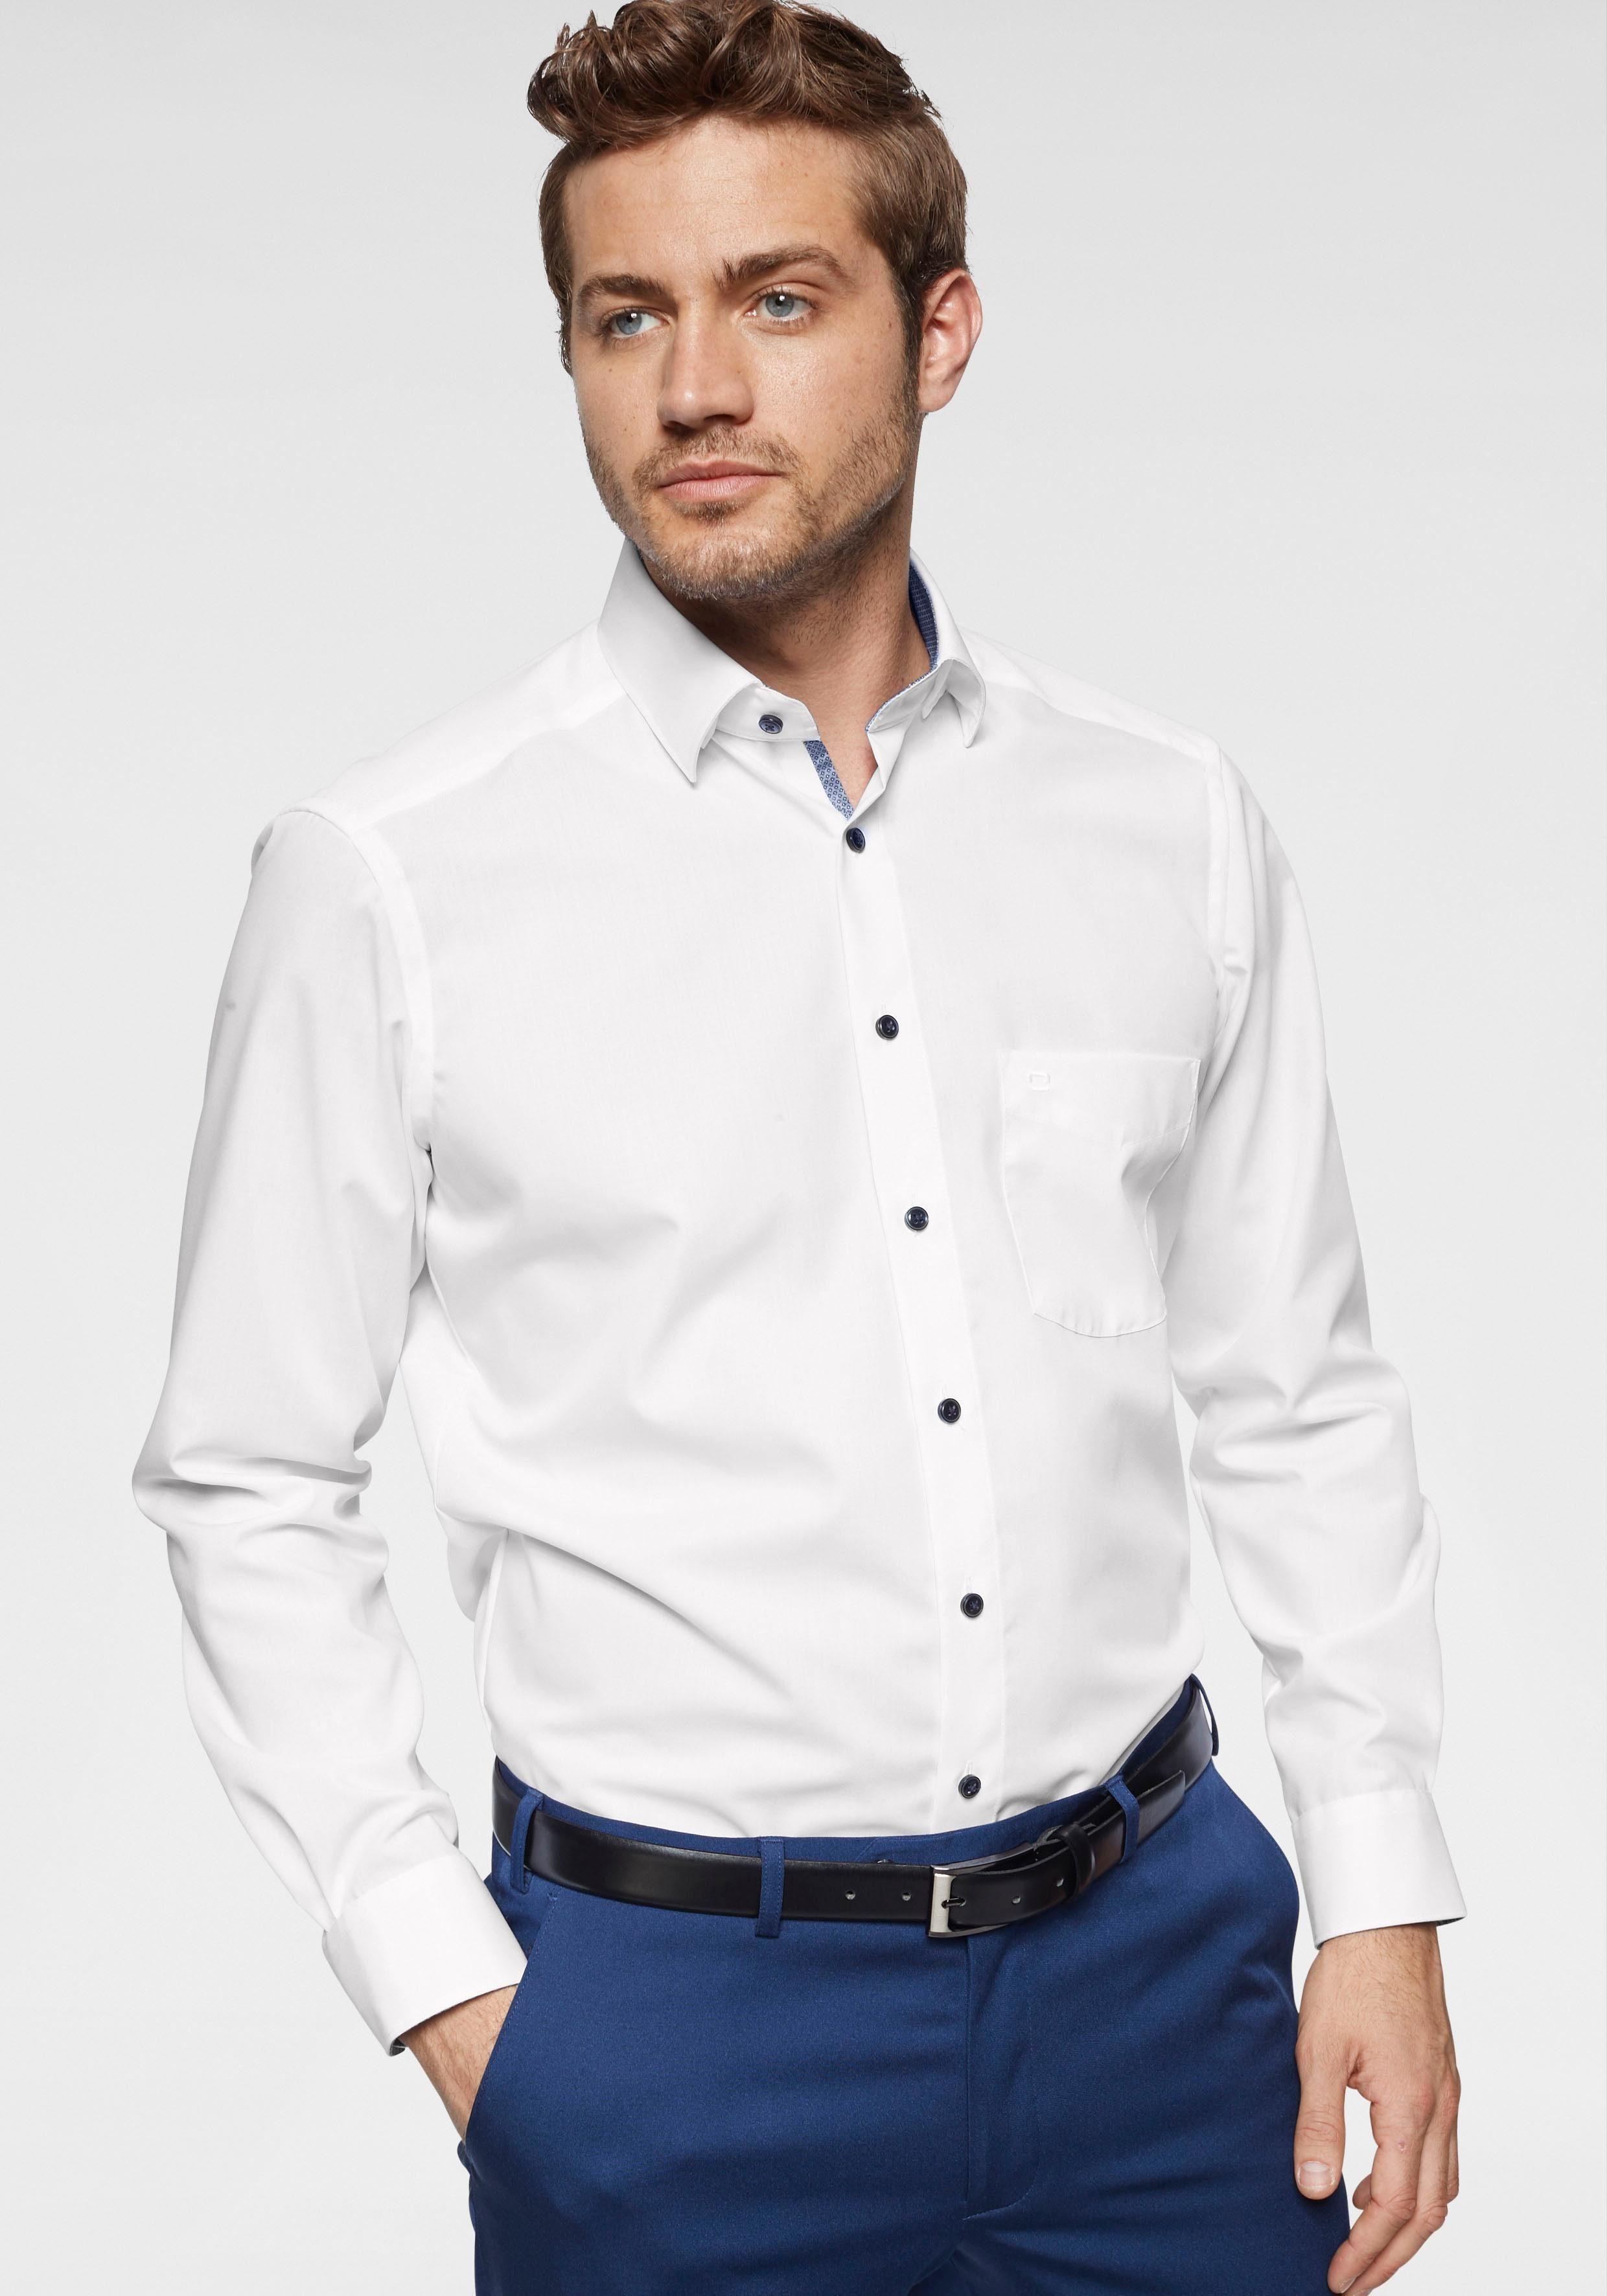 Businesshemd Modern Olymp Fit« Lange »luxor Online Kaufen Kontrastbesätze Extra ÄrmelVerdeckte L4j5AR